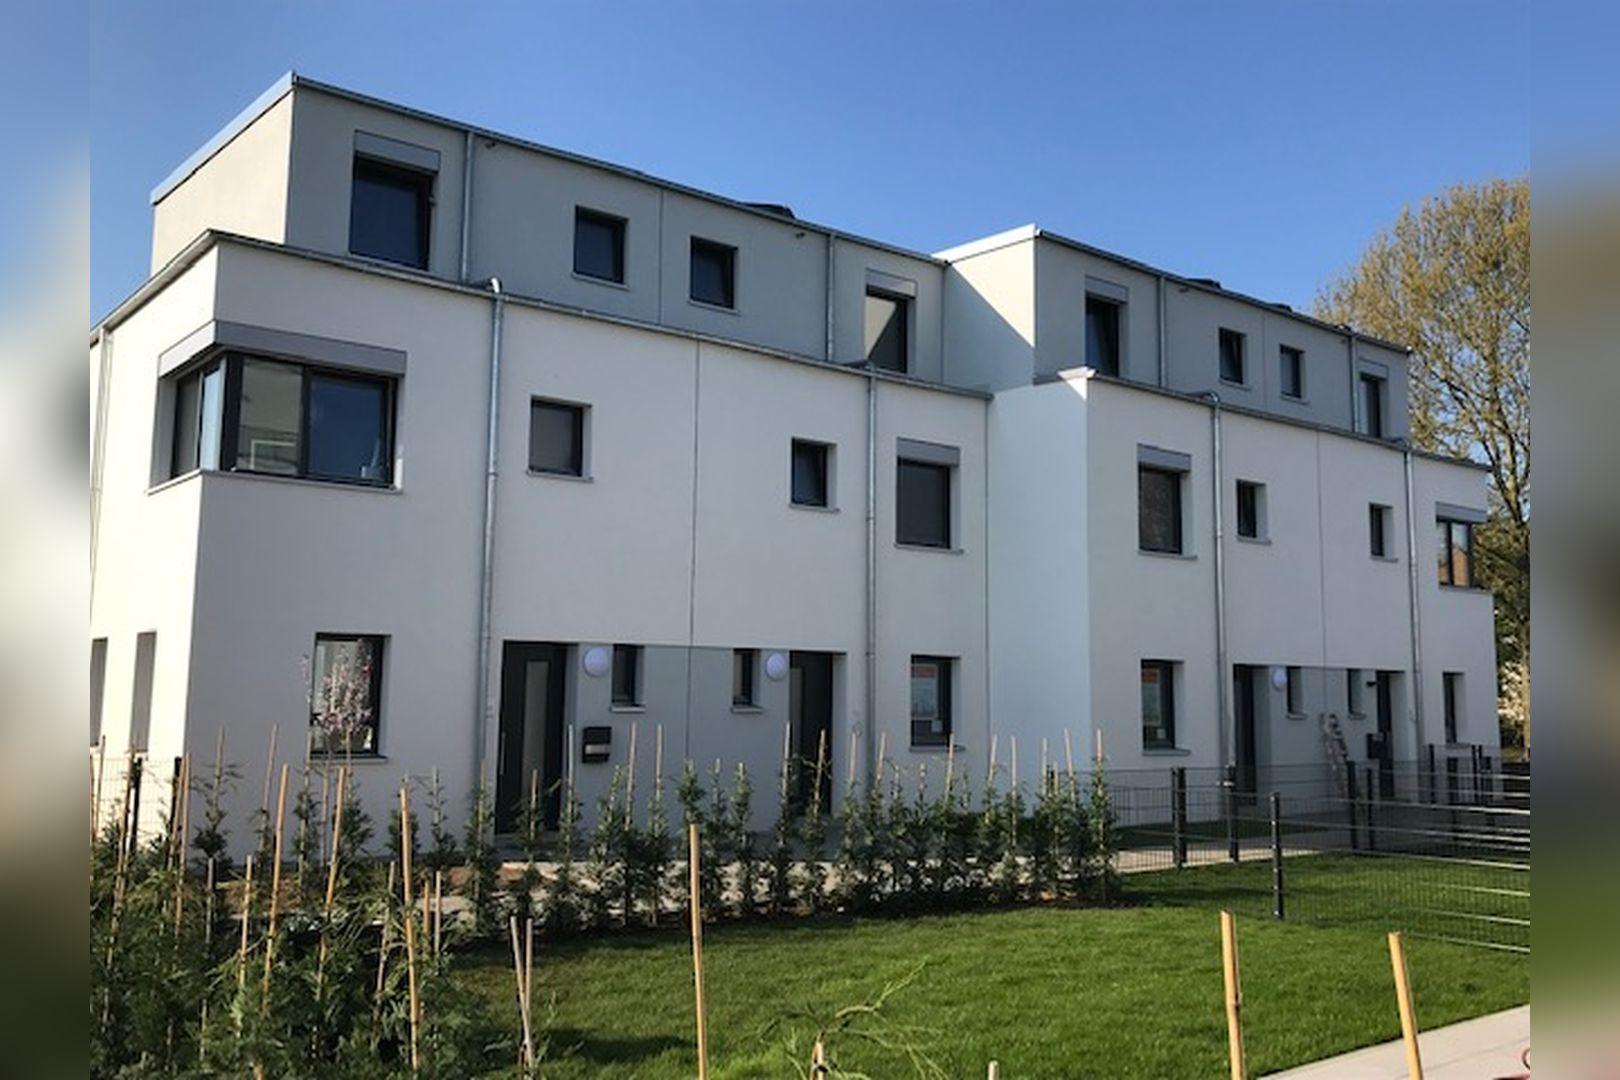 Immobilie Nr.BÖ-11 - BÖ-11; Reihenmittelhaus mit Terrasse, Garten und 2 TG-Stellplätzen - Bild 12.jpg